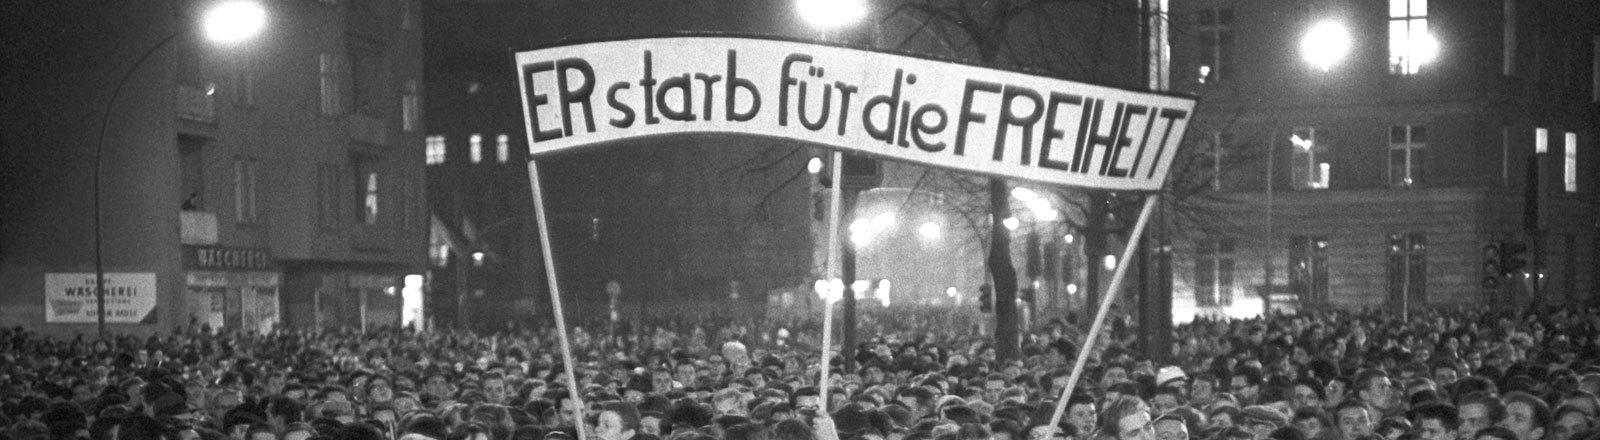 Trauer um den amerikanischen Präsidenten am 25.11.1963 auf dem John F. Kennedy Platz vor dem Rathaus Schöneberg in Berlin